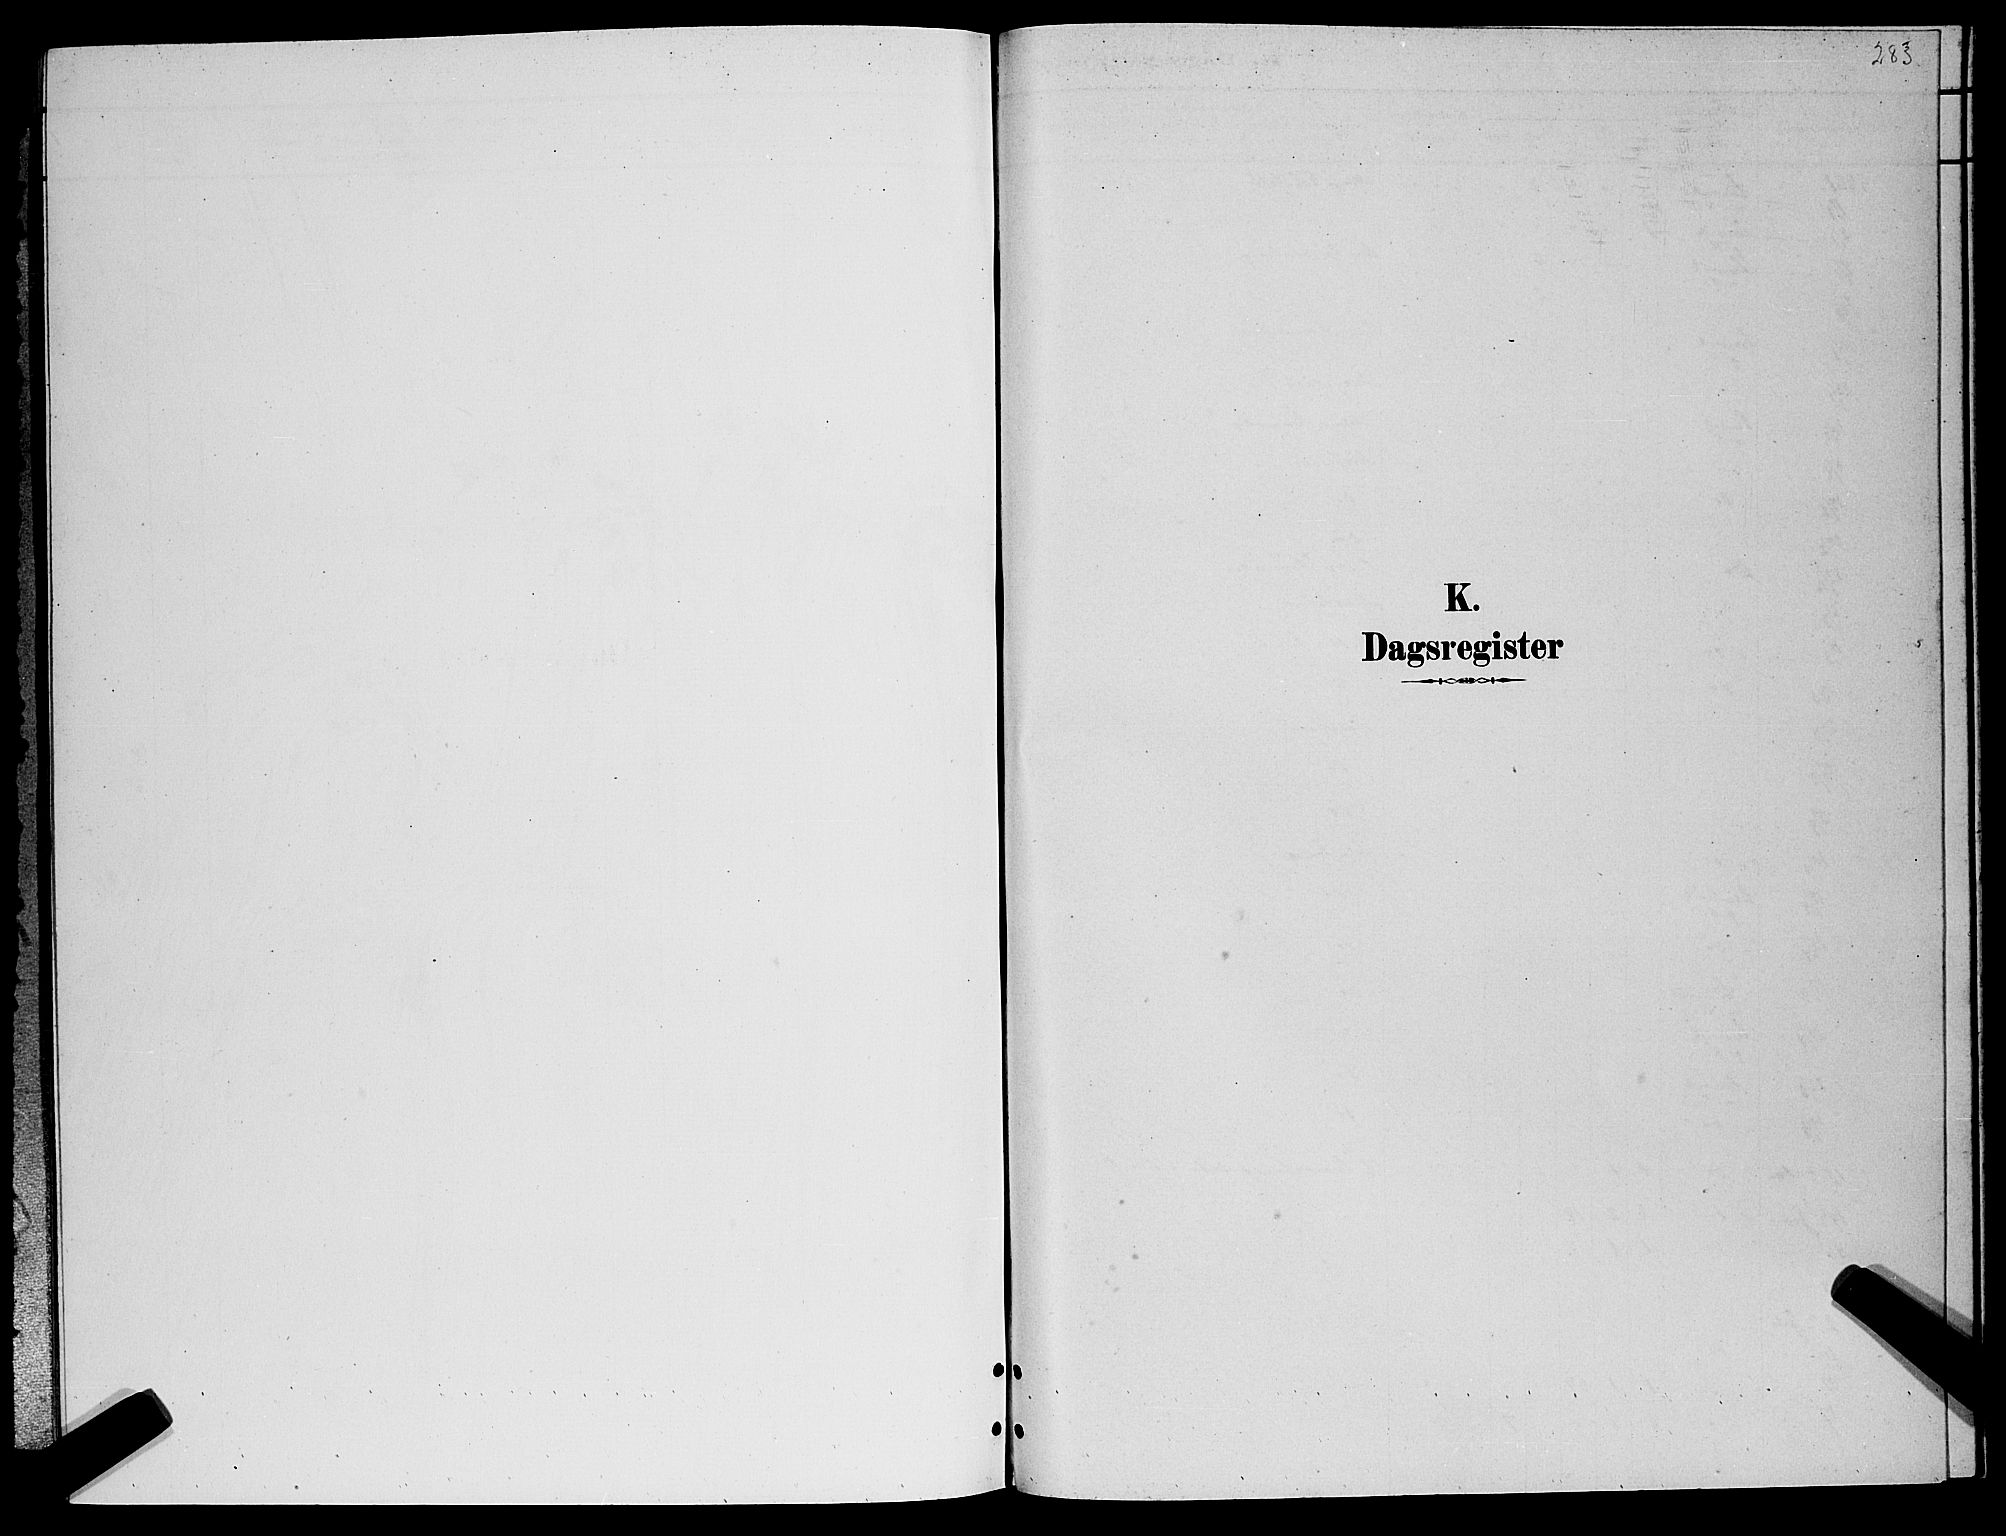 SATØ, Lenvik sokneprestembete, H/Ha: Klokkerbok nr. 6, 1881-1889, s. 283